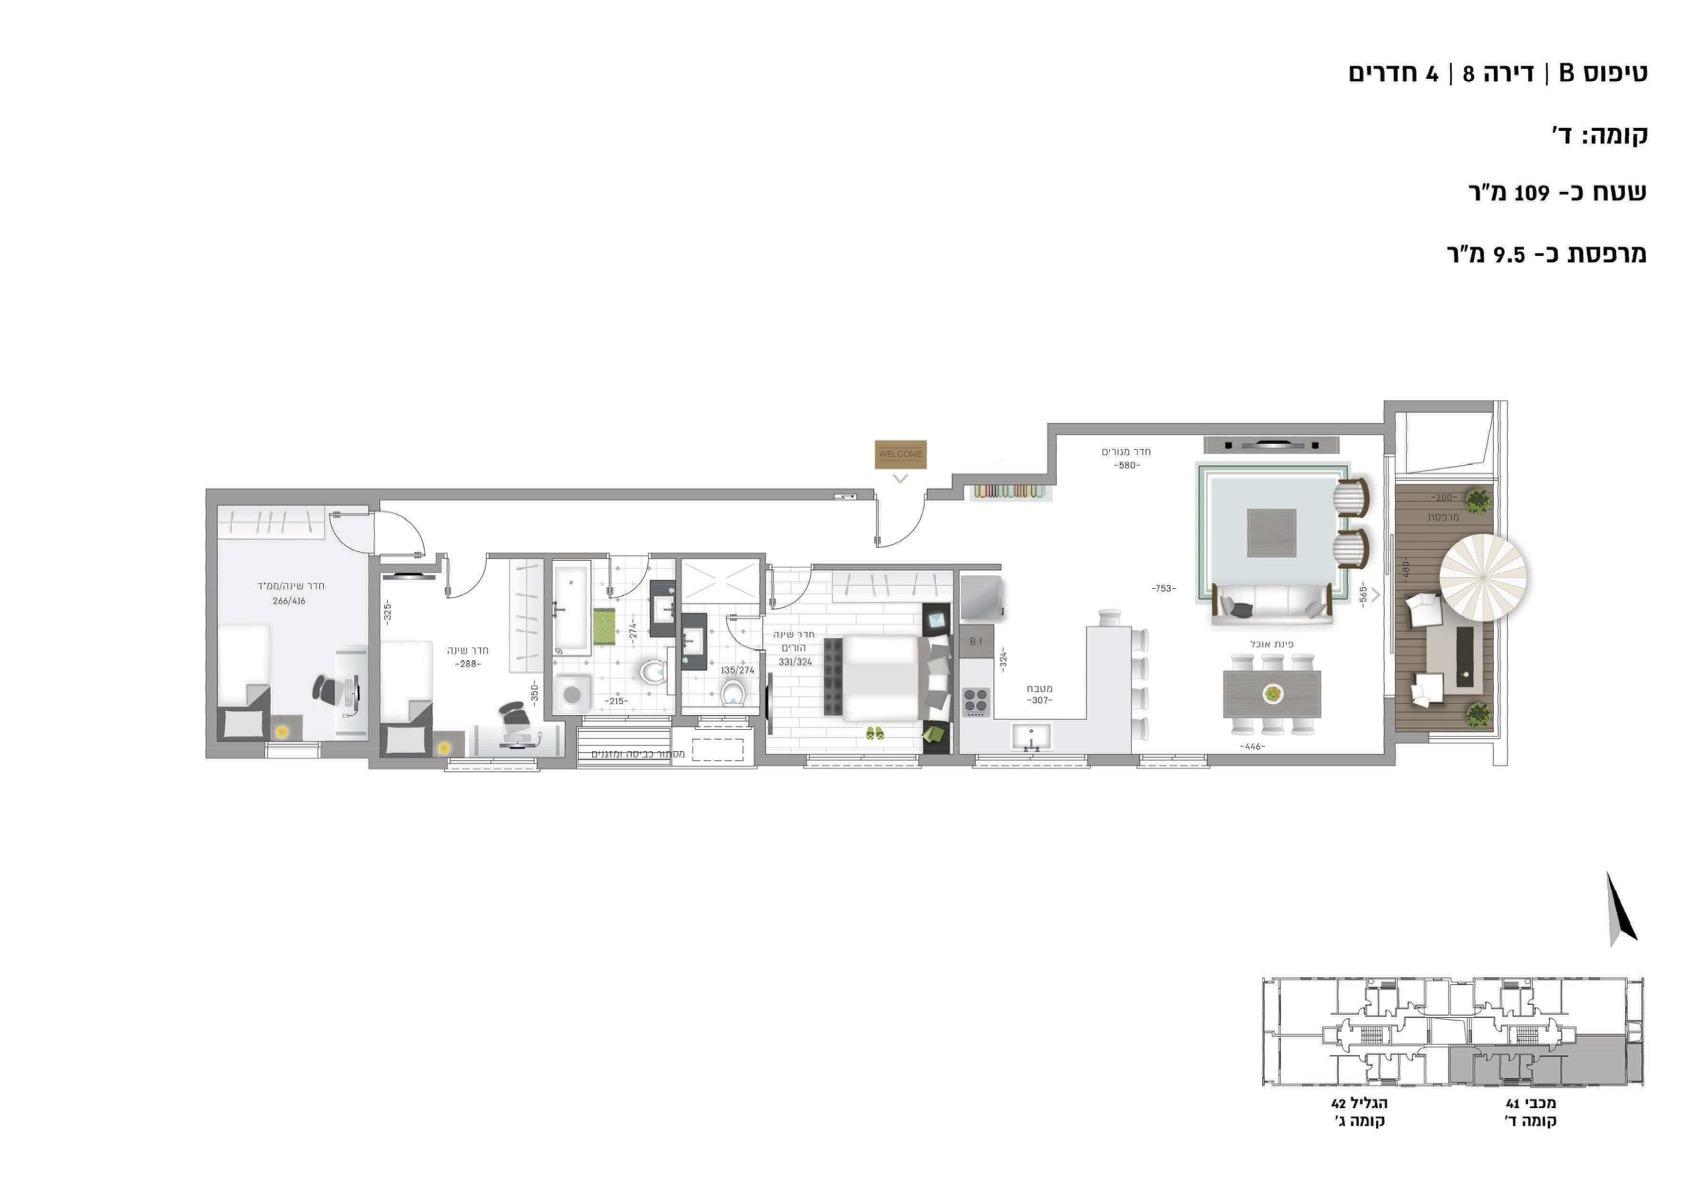 4 pièces de 109 m2 avec une terrasse de 9 m2